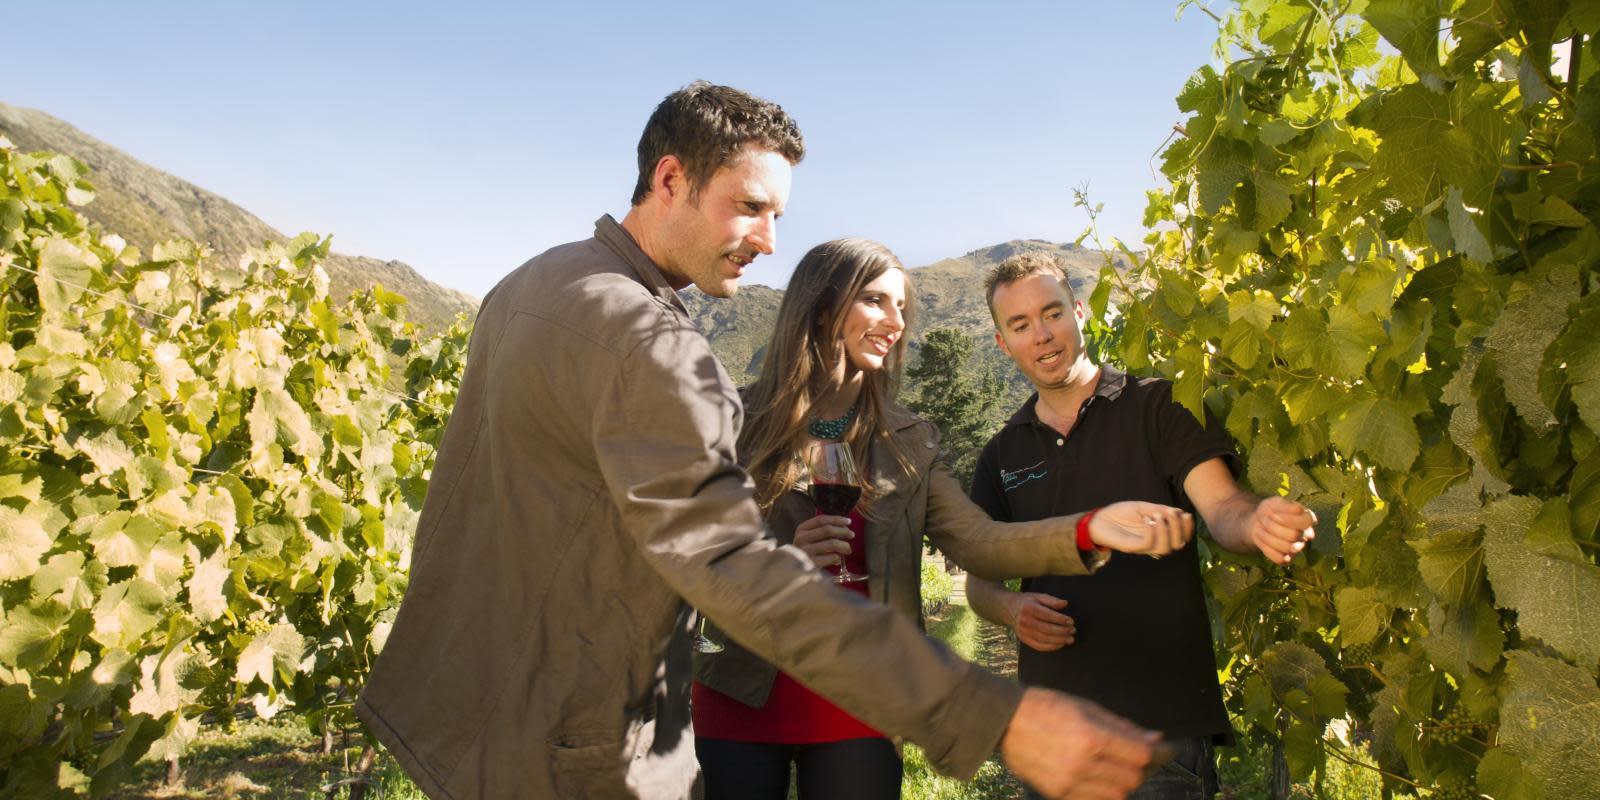 Honeymoon picnic wine romance